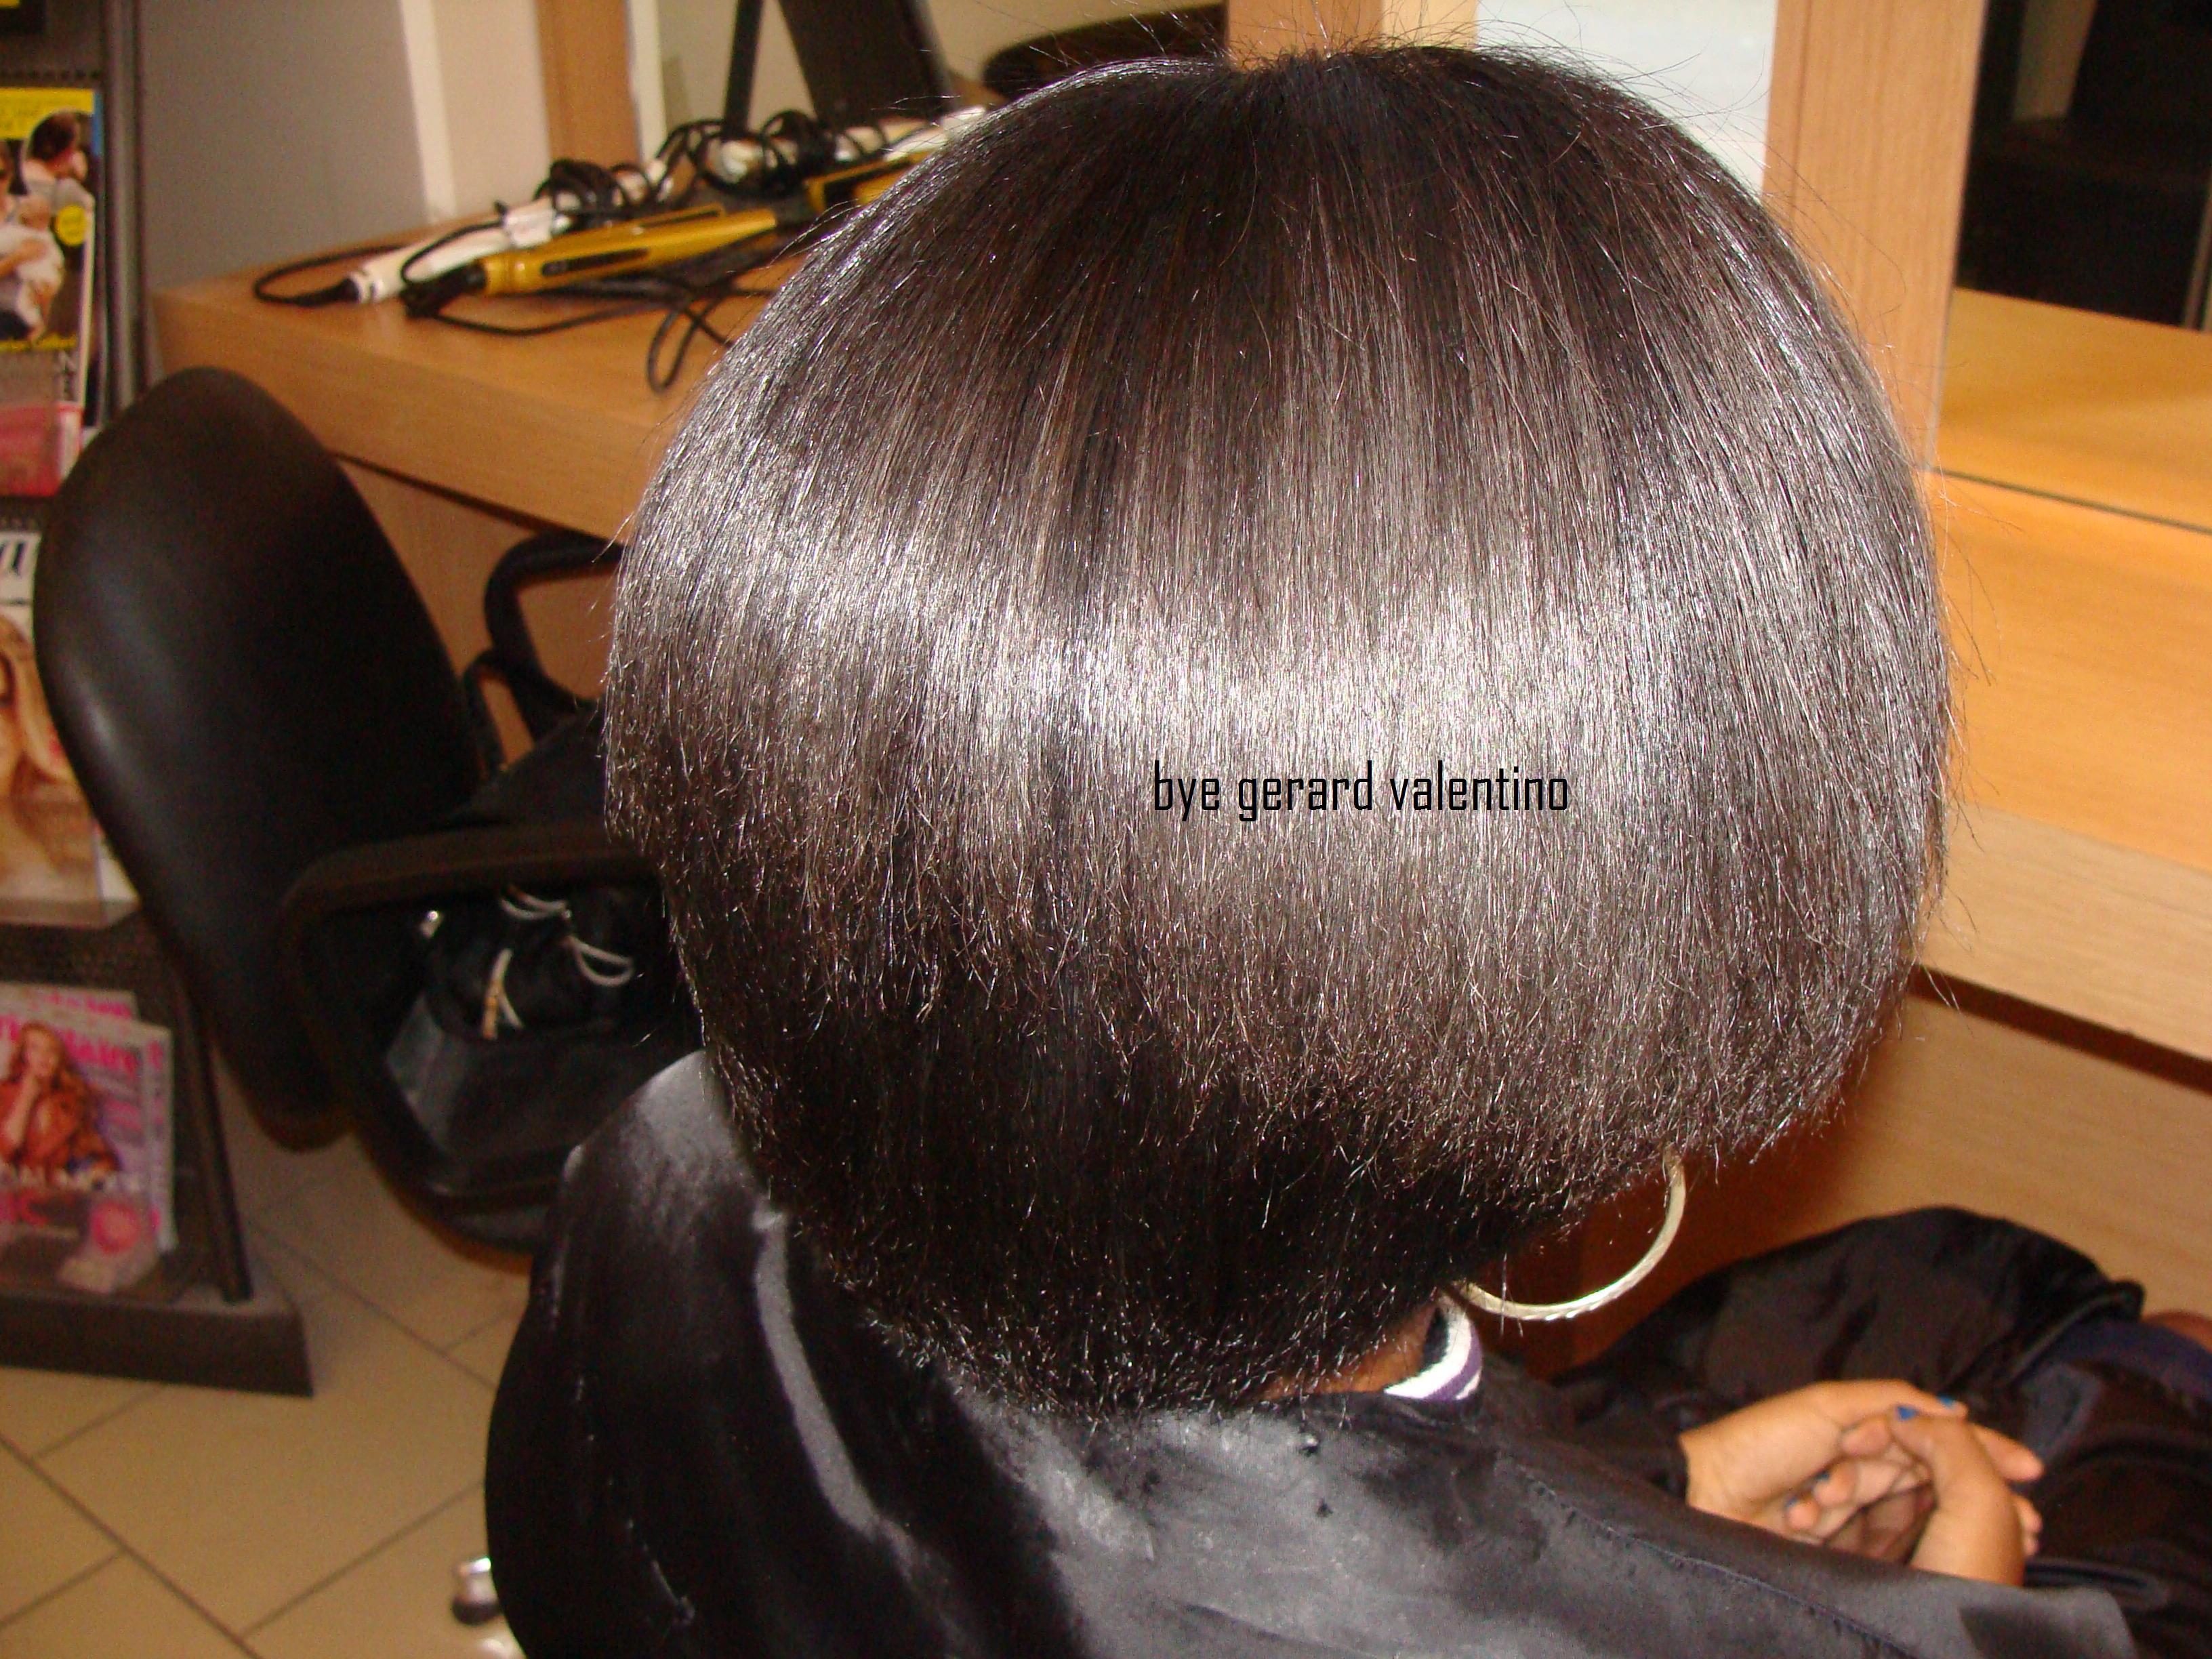 Lissage bresilien keratine paris salon de coiffure for Salon de coiffure pour lissage bresilien